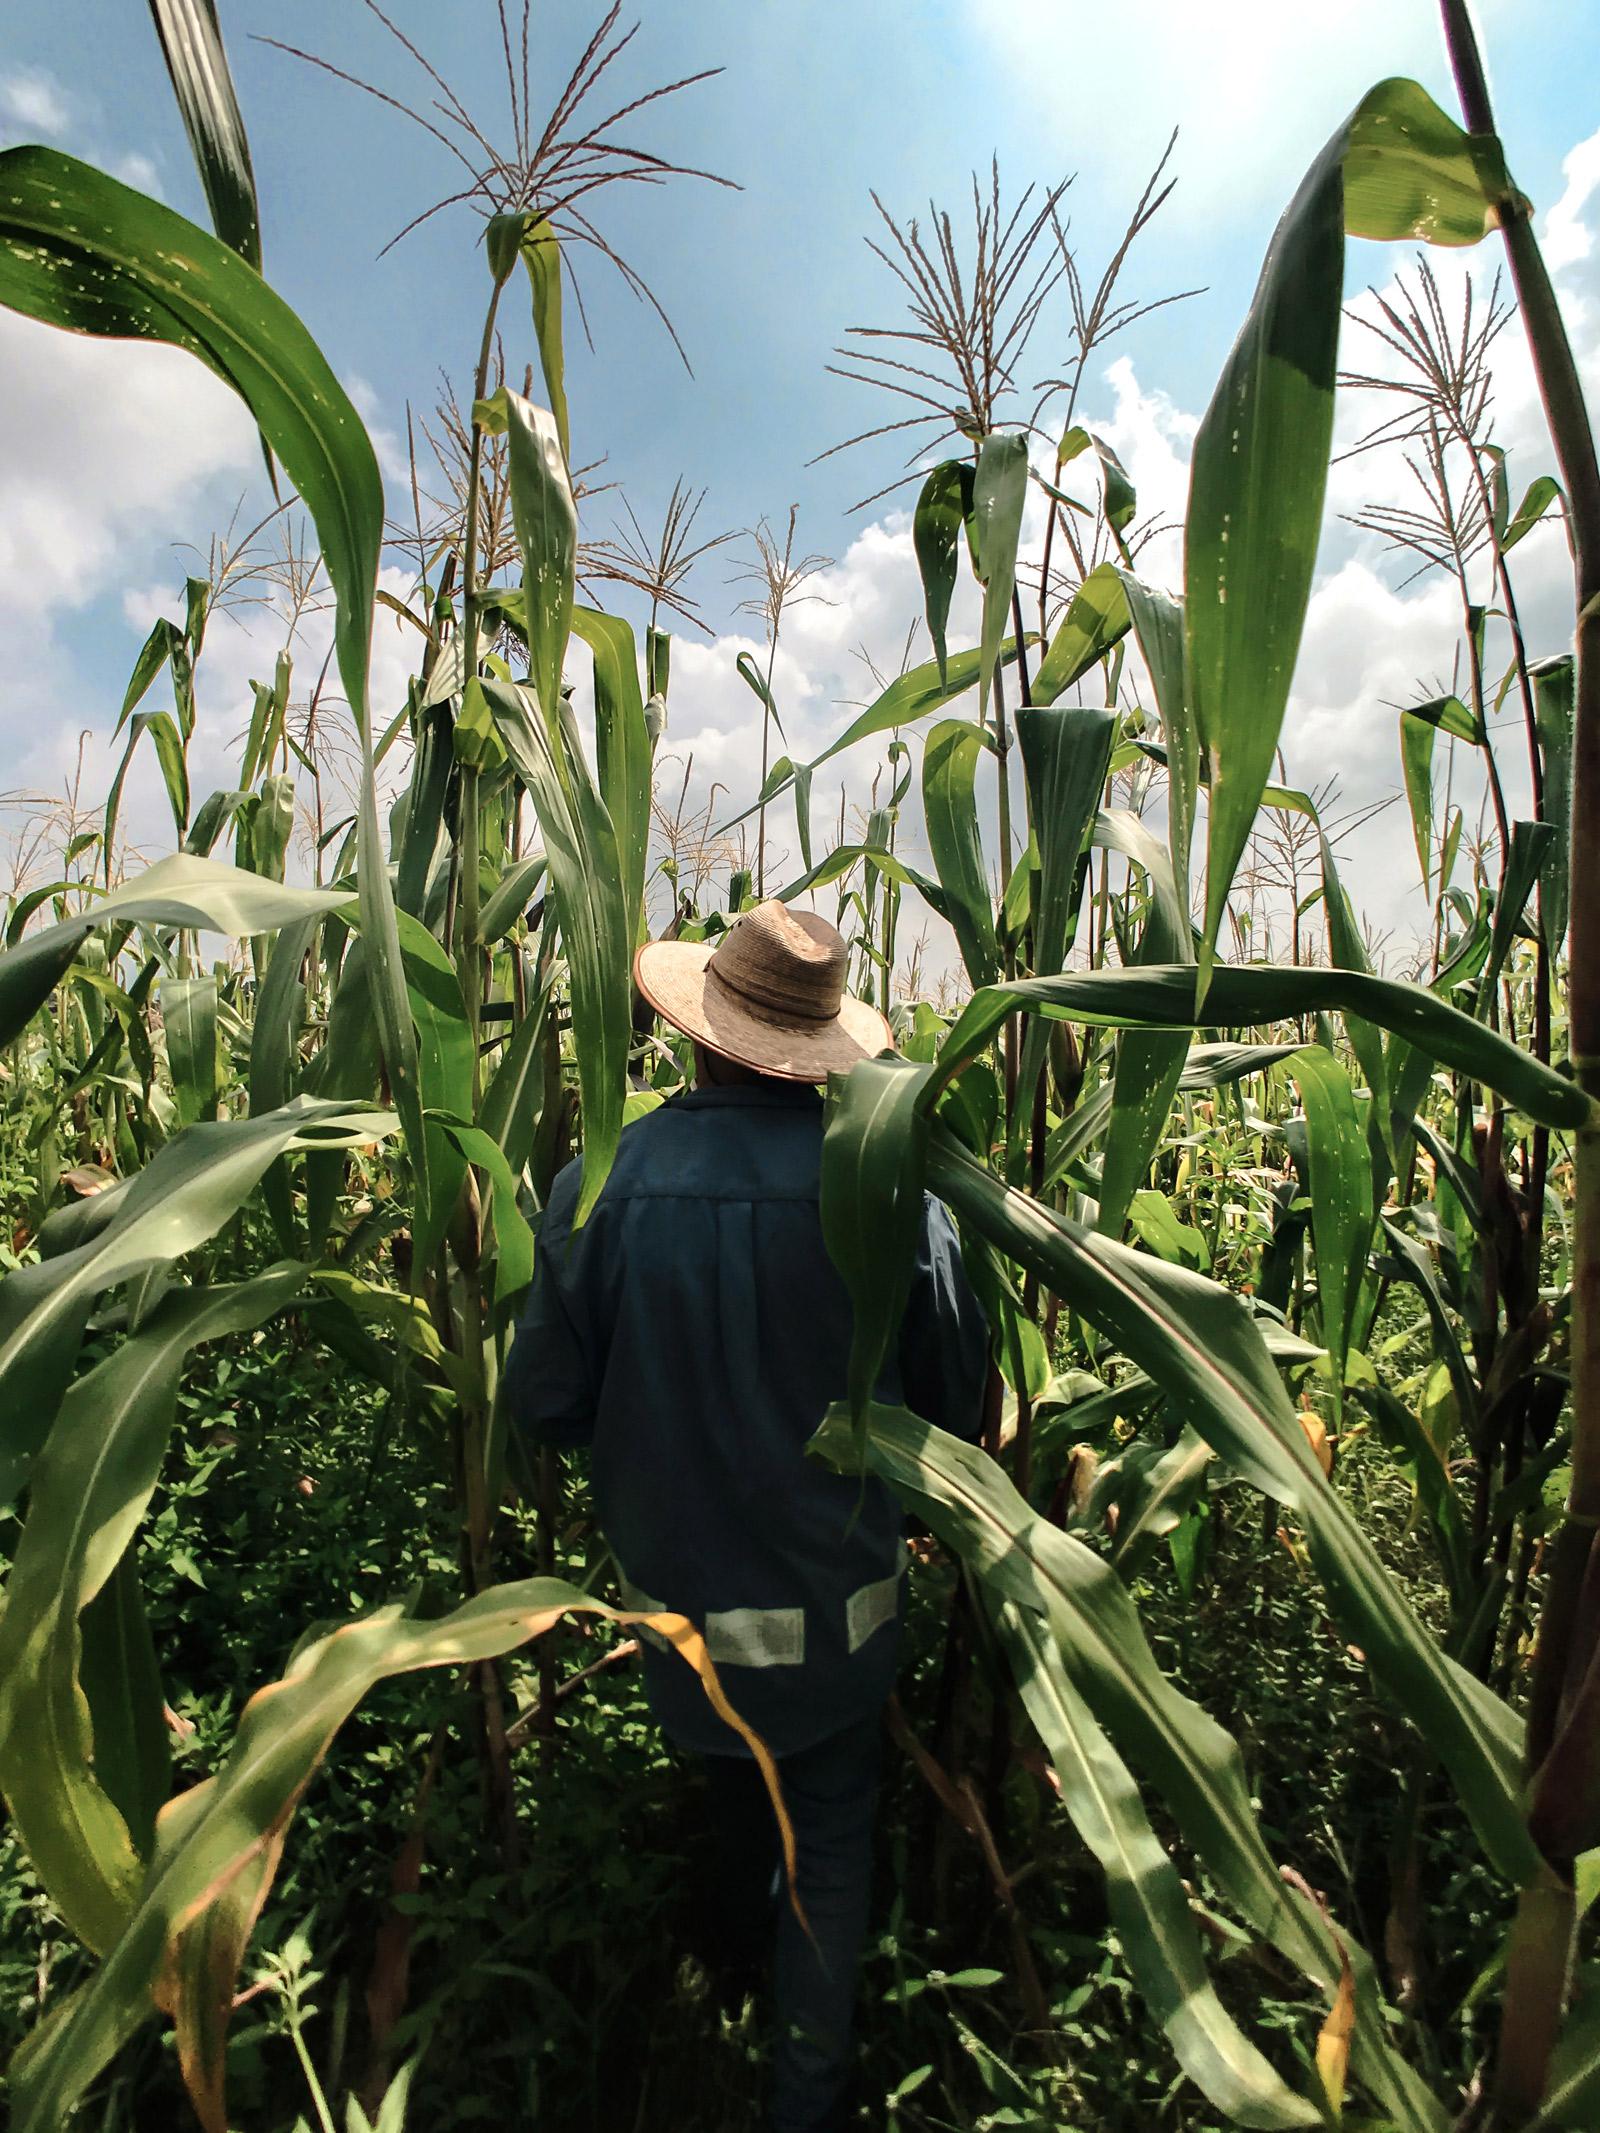 Mexikaner mit Strohhut, von hinten fotografiert, steht mitten in einem dichtbewachsenen Maisfeld